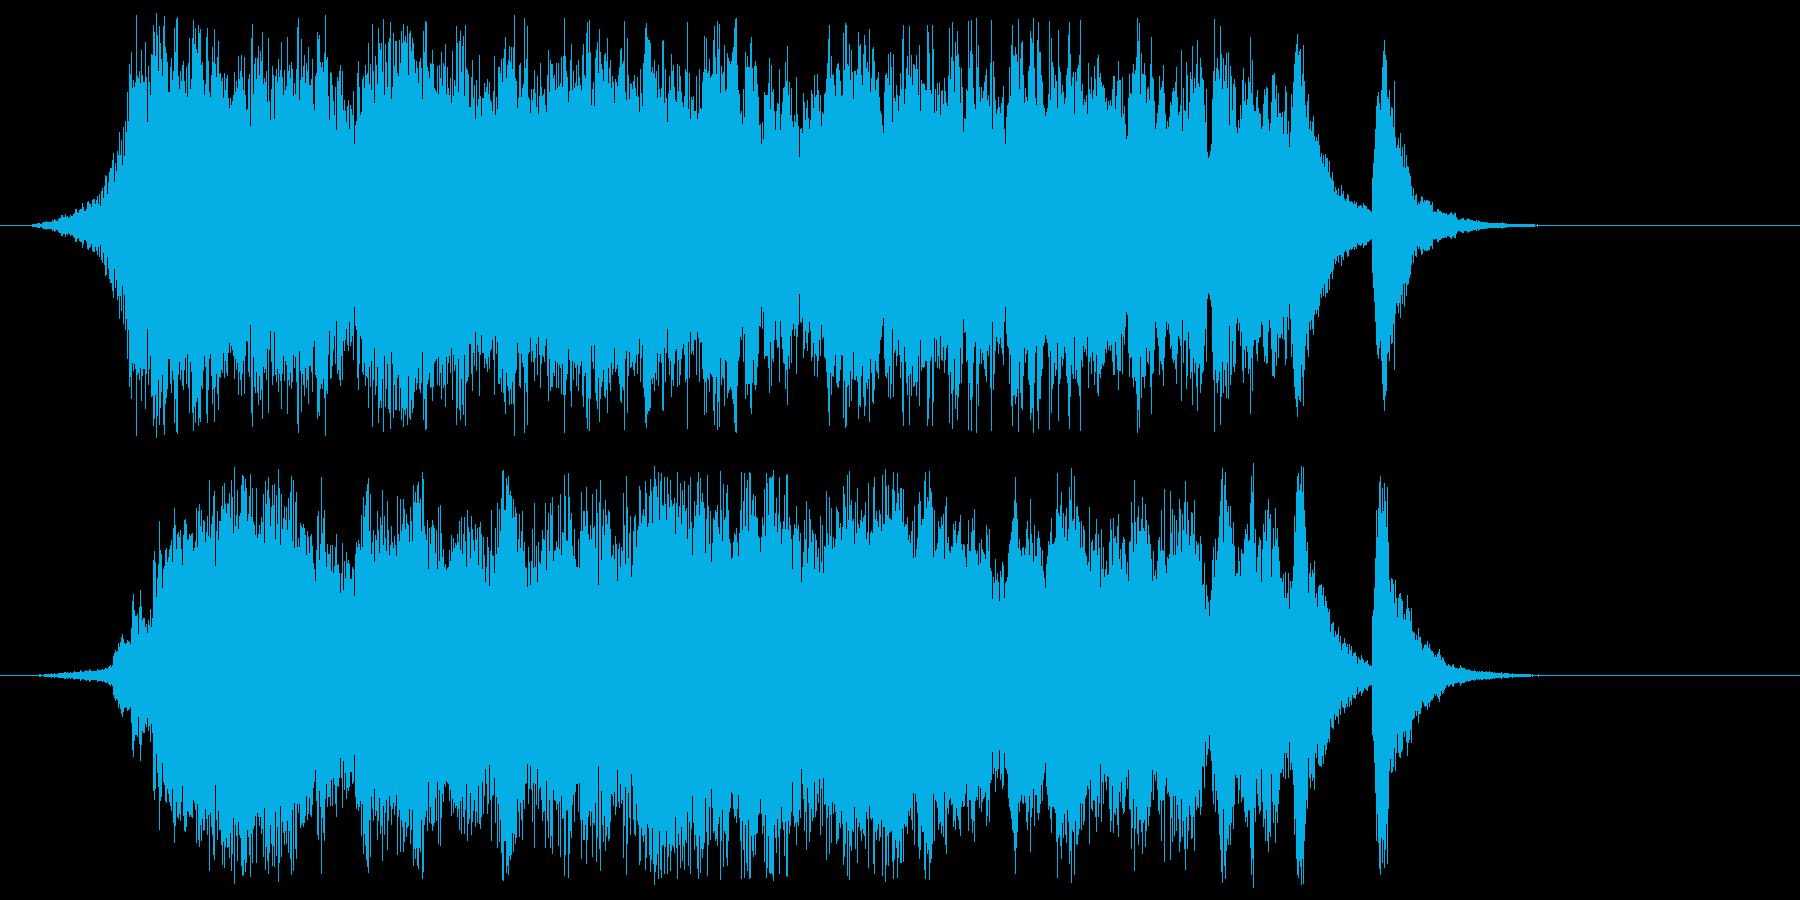 ファンファーレとオーケストラの再生済みの波形